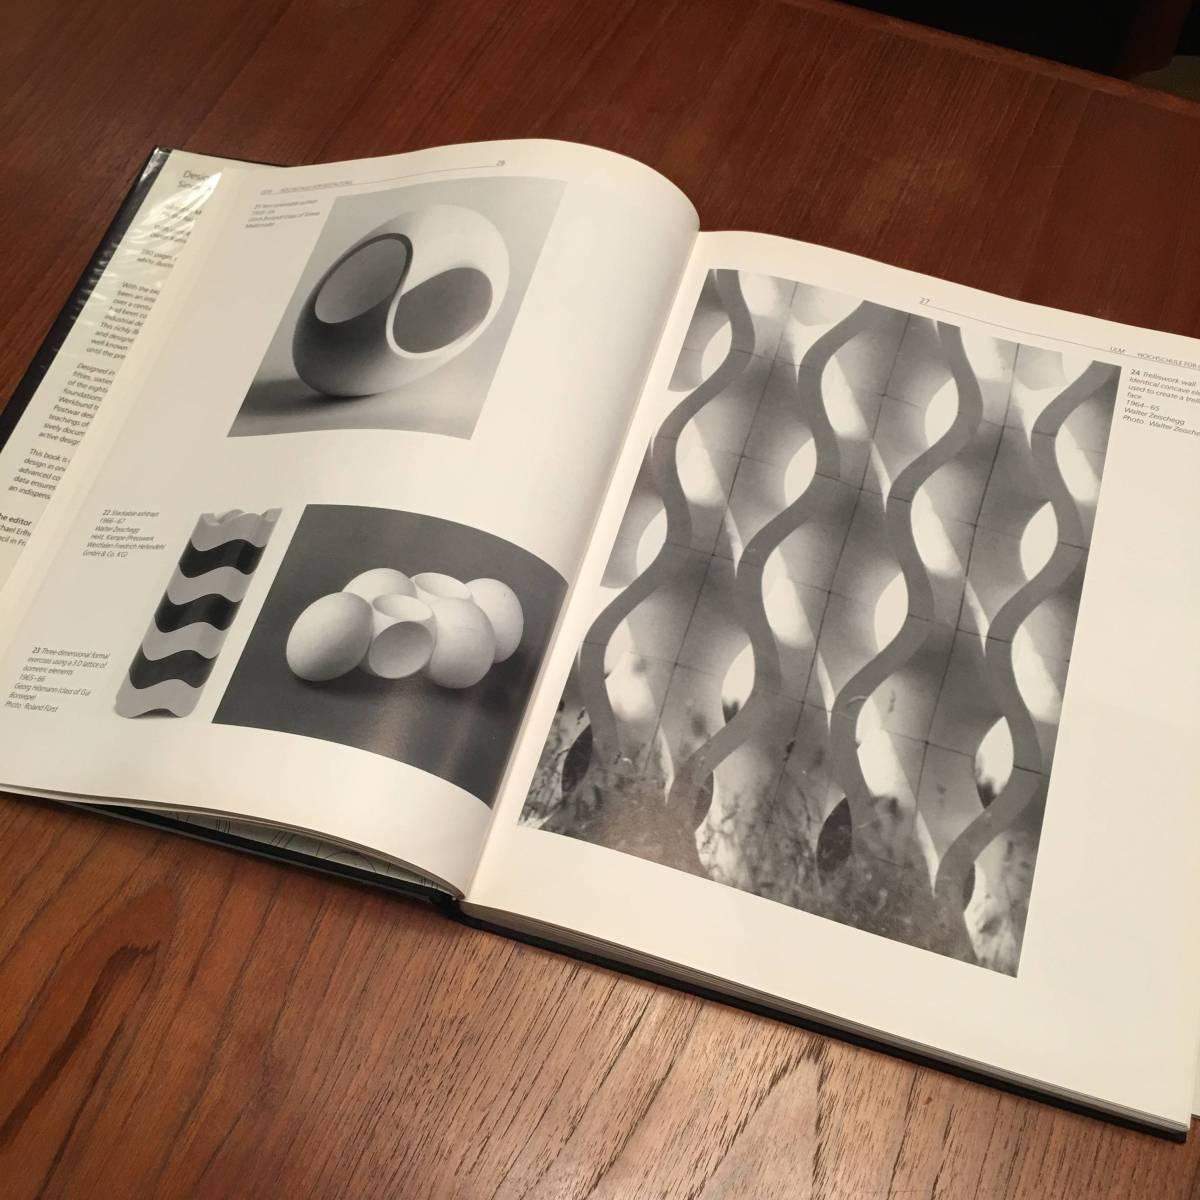 洋書 Braun ディーターラムス スペースエイジ プロダクトデザイン ミッドセンチュリー インテリア レトロ MOMA kartell 70s_画像6